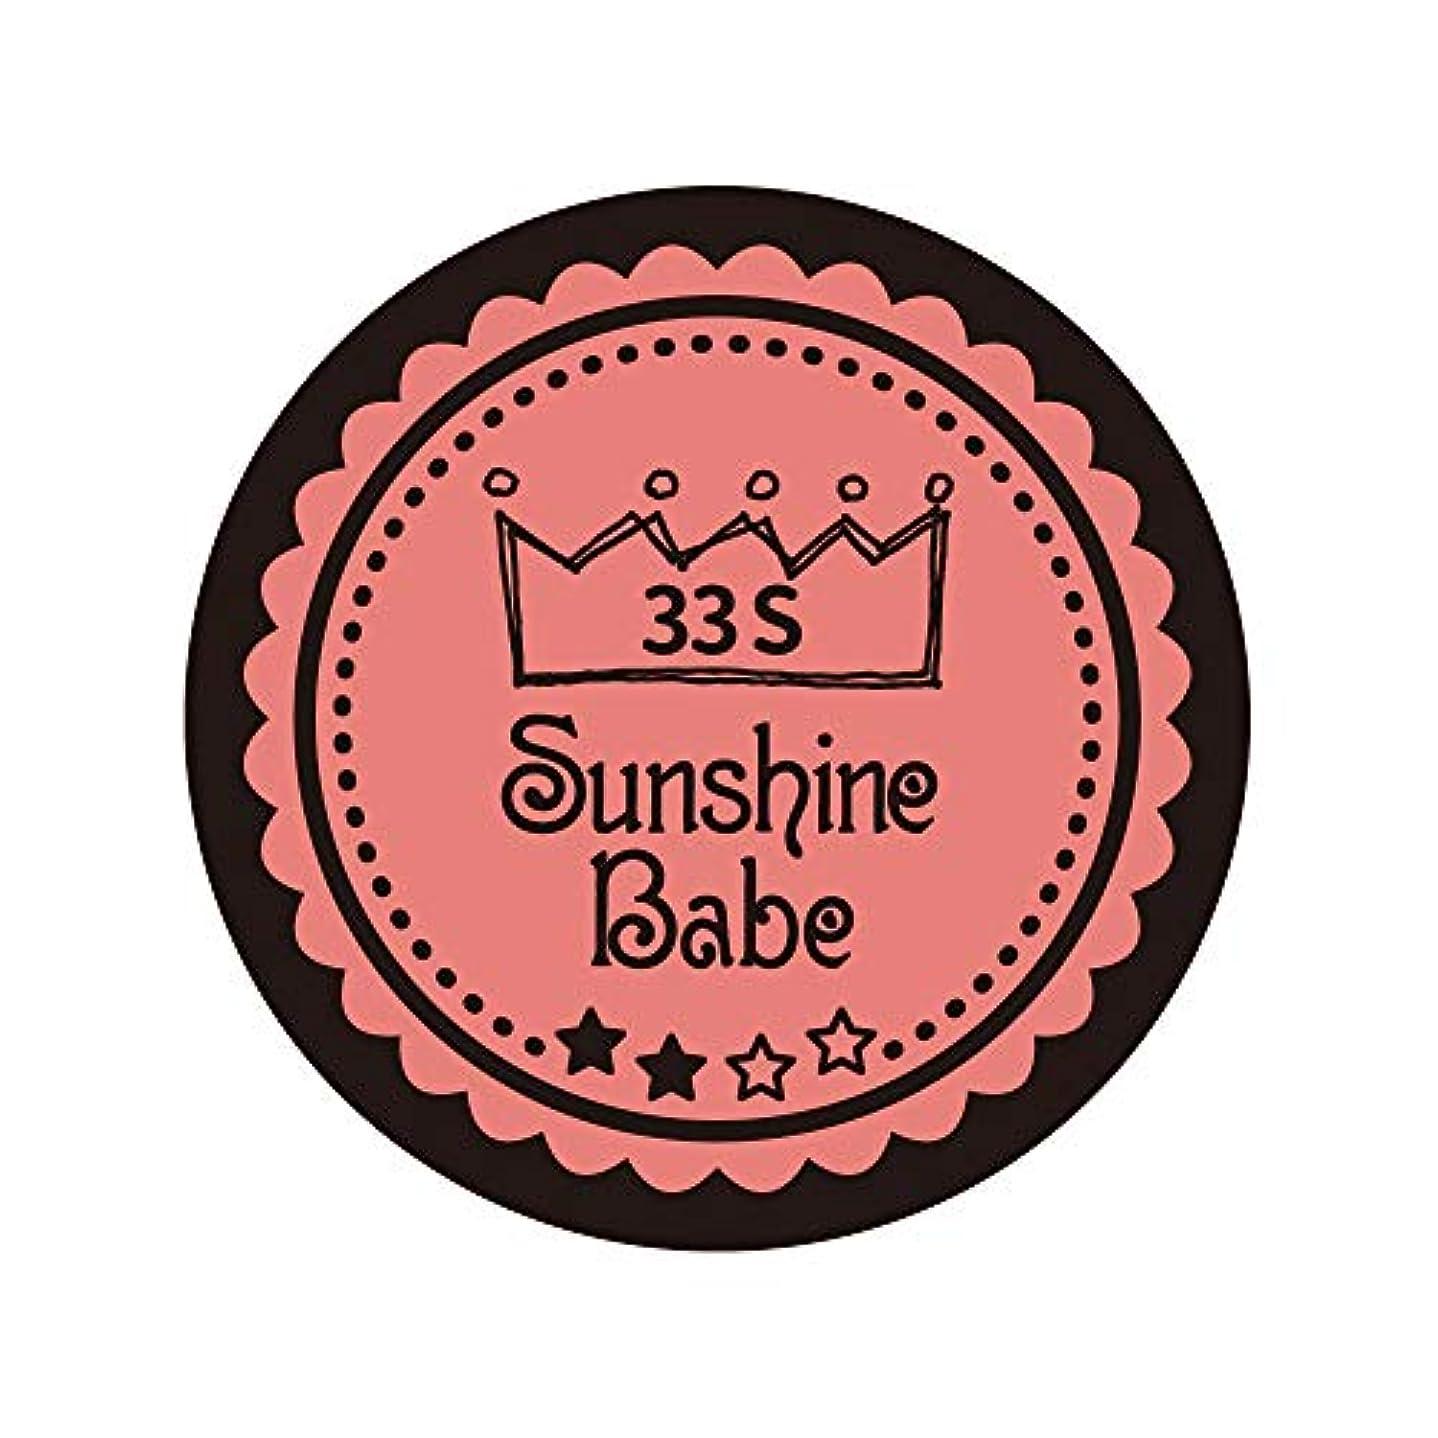 属性私たちのくしゃみSunshine Babe カラージェル 33S ベイクドコーラルピンク 2.7g UV/LED対応